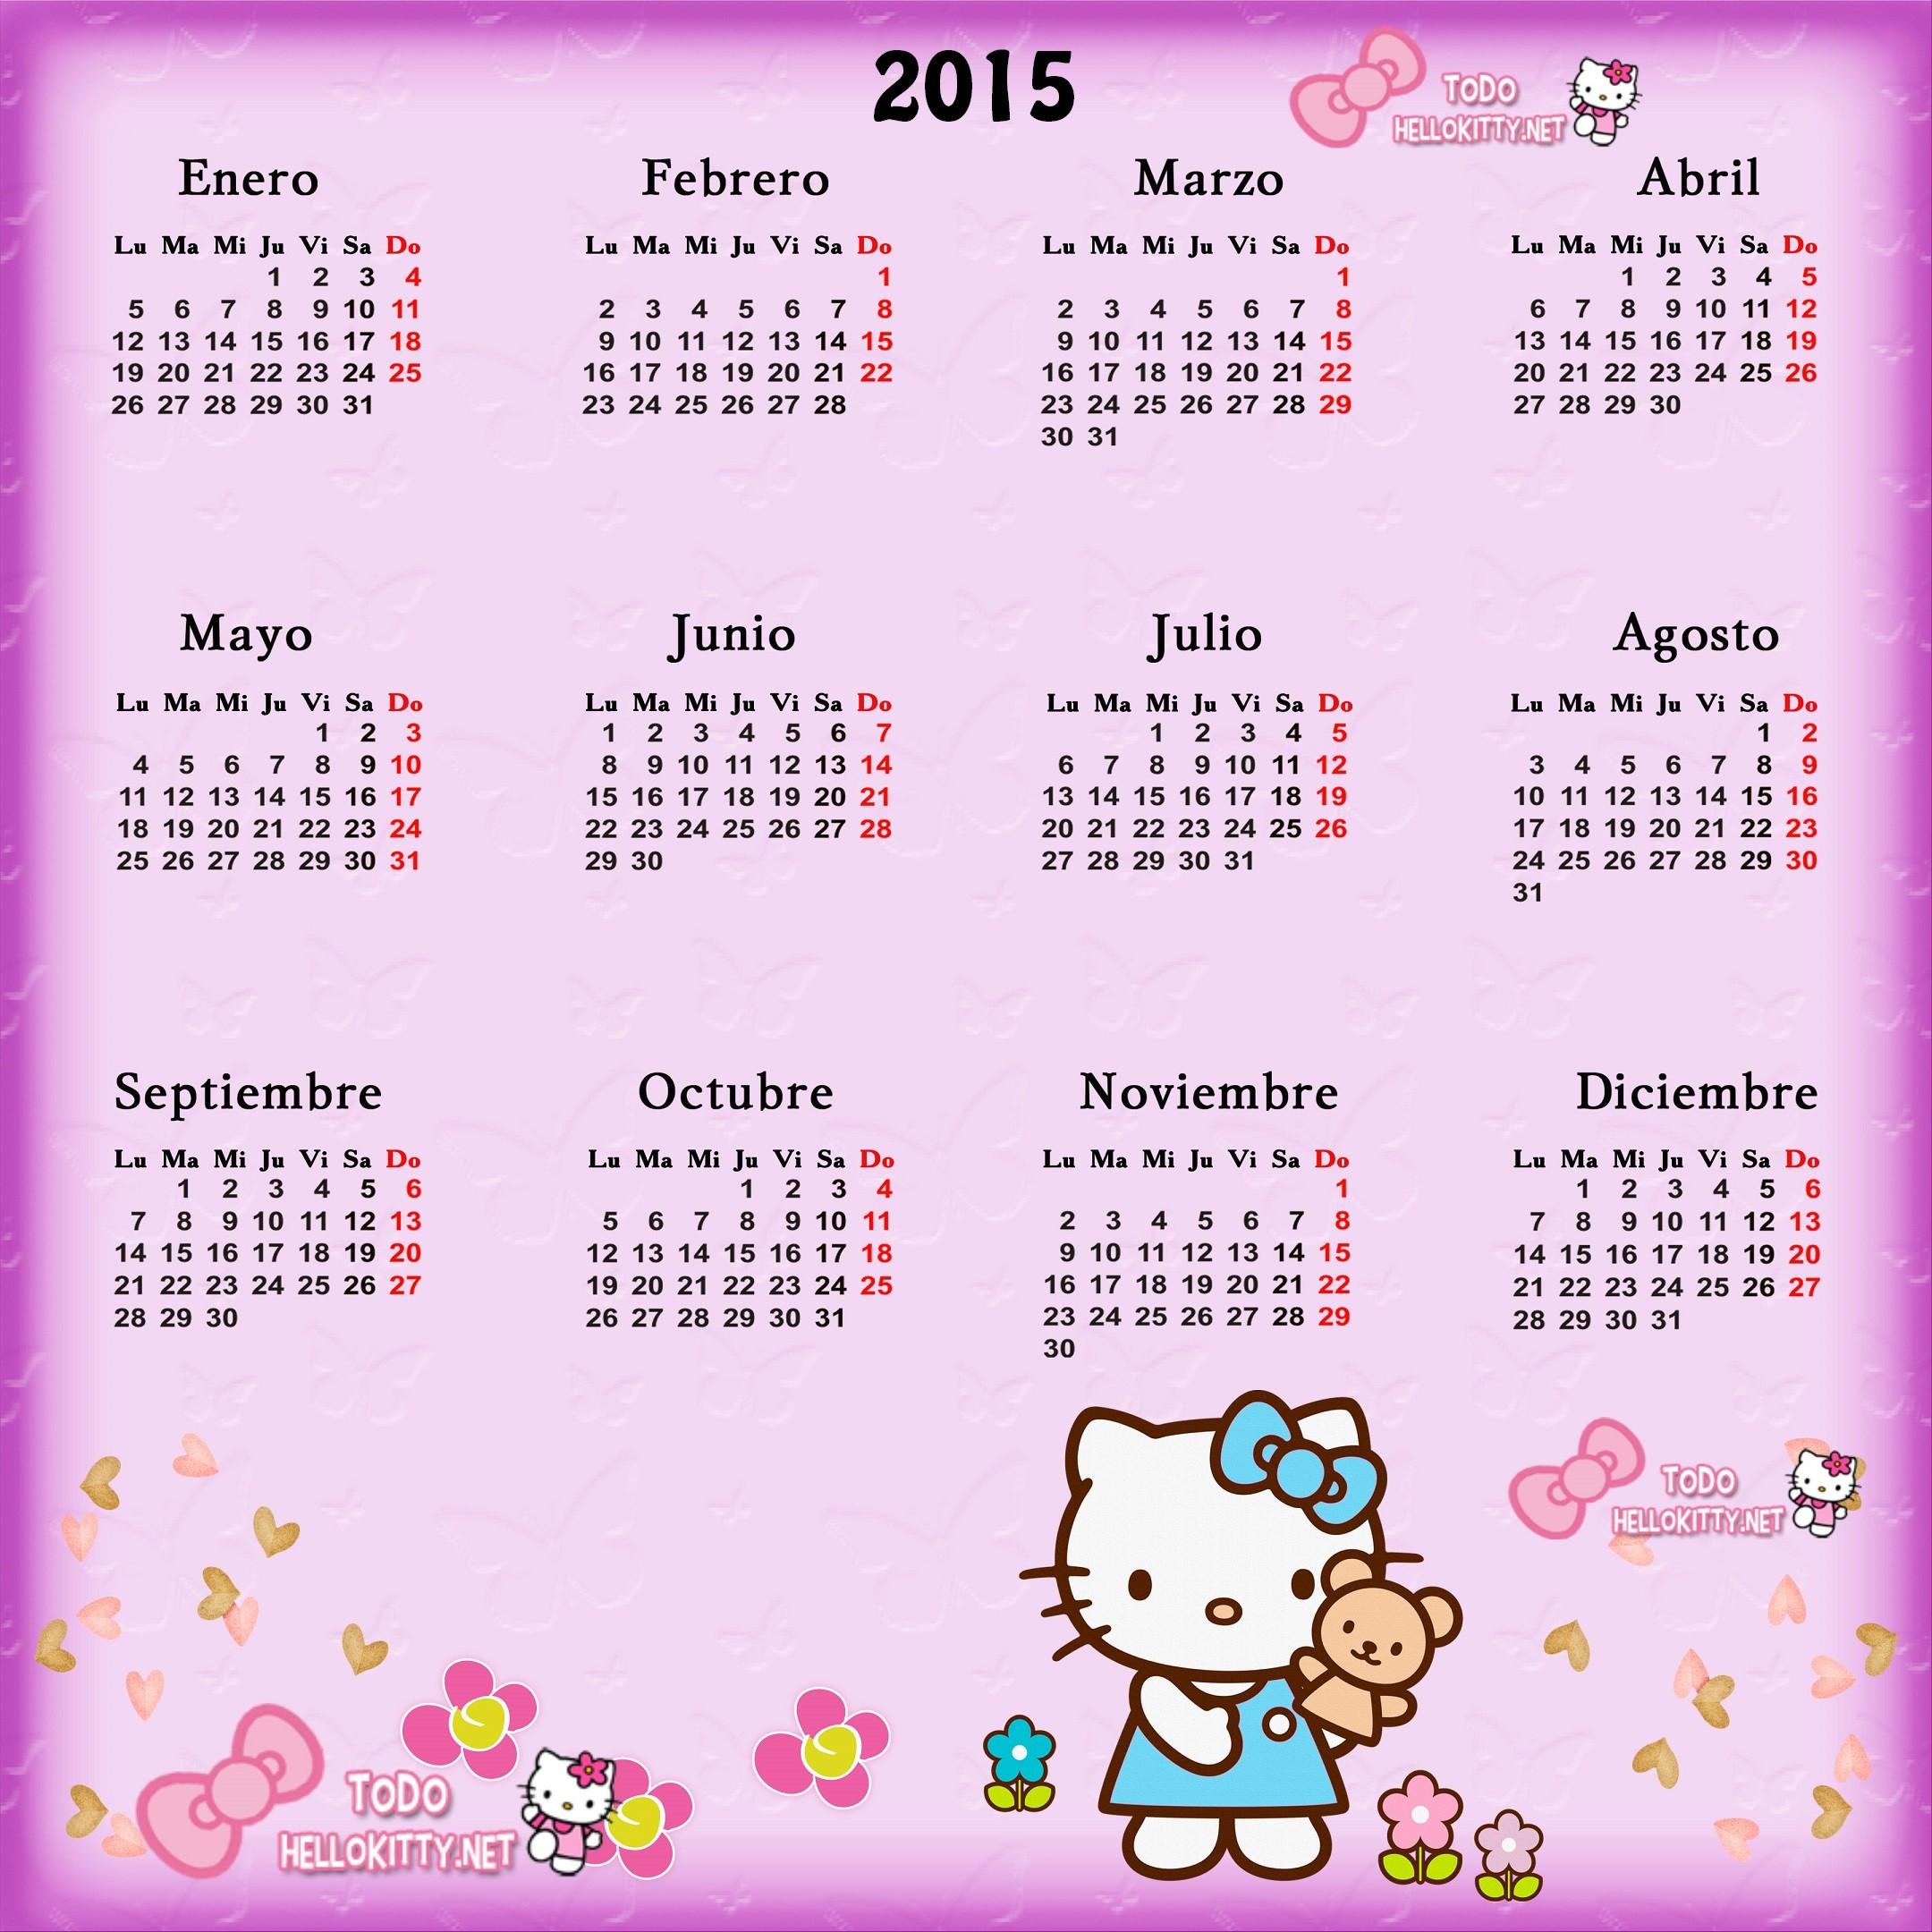 calendario 2015 de hello kitty